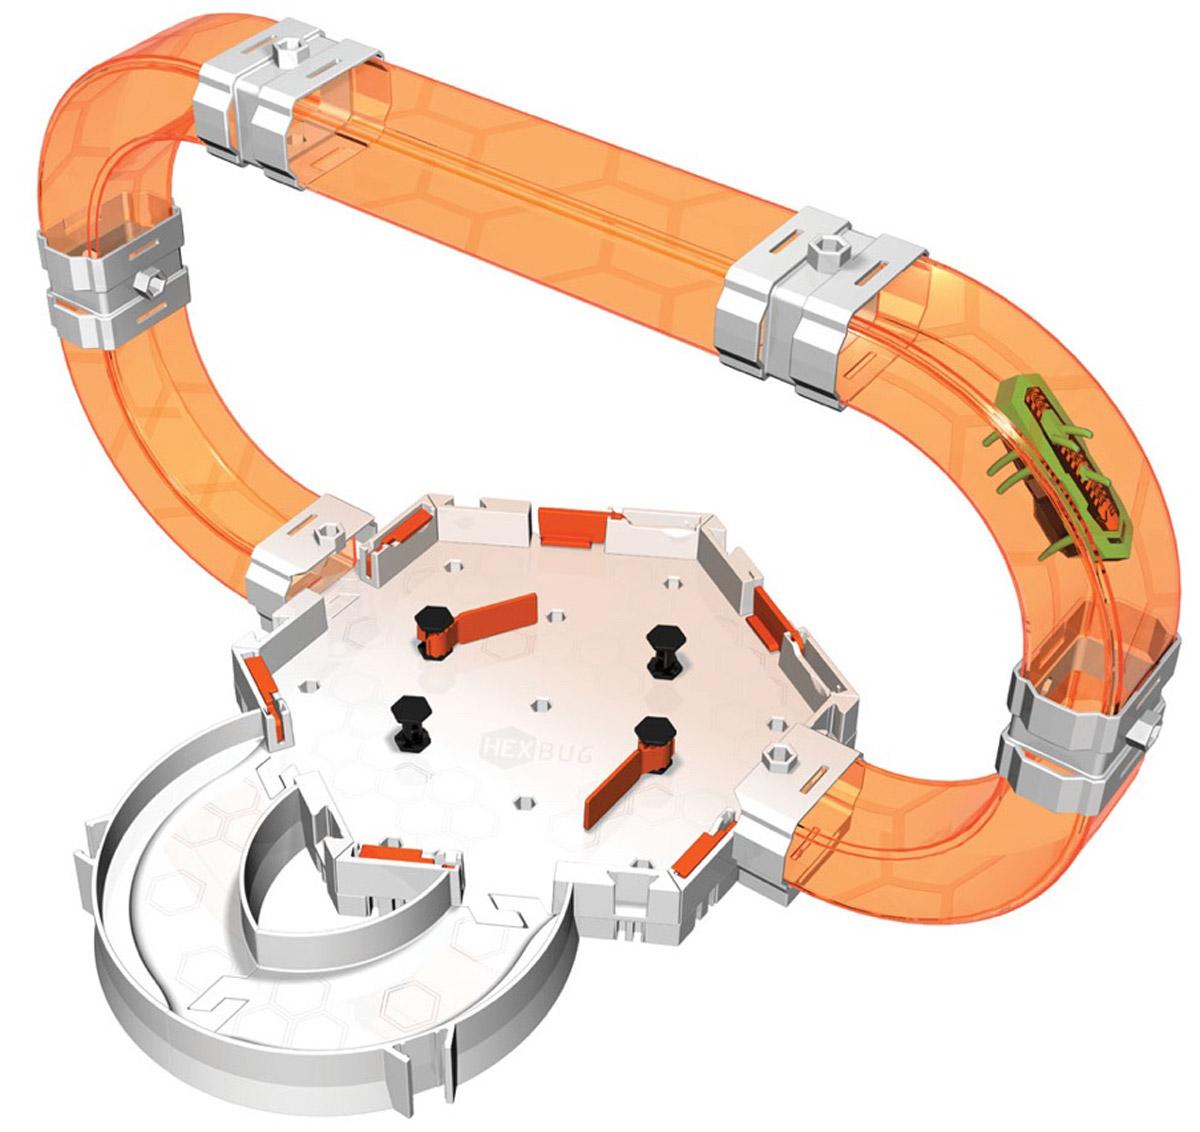 Hexbug Игровой набор Nano V2 Gravity Loop Neon477-4436Игровой набор с микро-роботом Hexbug Нано V2 Gravity Loop Neon - это базовый набор новой серии нанодромов, который дает полное представление о физике передвижения микророботов в трех измерениях. Он также может быть использован для расширения уже существующего лабиринта. Теперь, можно не только наблюдать за тем, как микро-робот исследует лабиринт, но и активно участвовать в его судьбе. Игровой набор содержит 18 элементов для сборки площадки для запуска мини-робота, Nano V2 уникального цвета, фирменная оранжевая шестиугольная площадка с элементами Construct, 4 изогнутых и один прямой прозрачный лаз, два изогнутых поворота для передвижения по горизонтальной поверхности, ну и элементы для сопряжения деталей. Набор совместим с другими игровыми наборами Hexbug Nano V2. Яркий игровой набор станет великолепным дополнением для игр с вашим мини-роботом, он позволит вам посоревноваться в меткости с друзьями или потренироваться в одиночку. Рекомендуется...